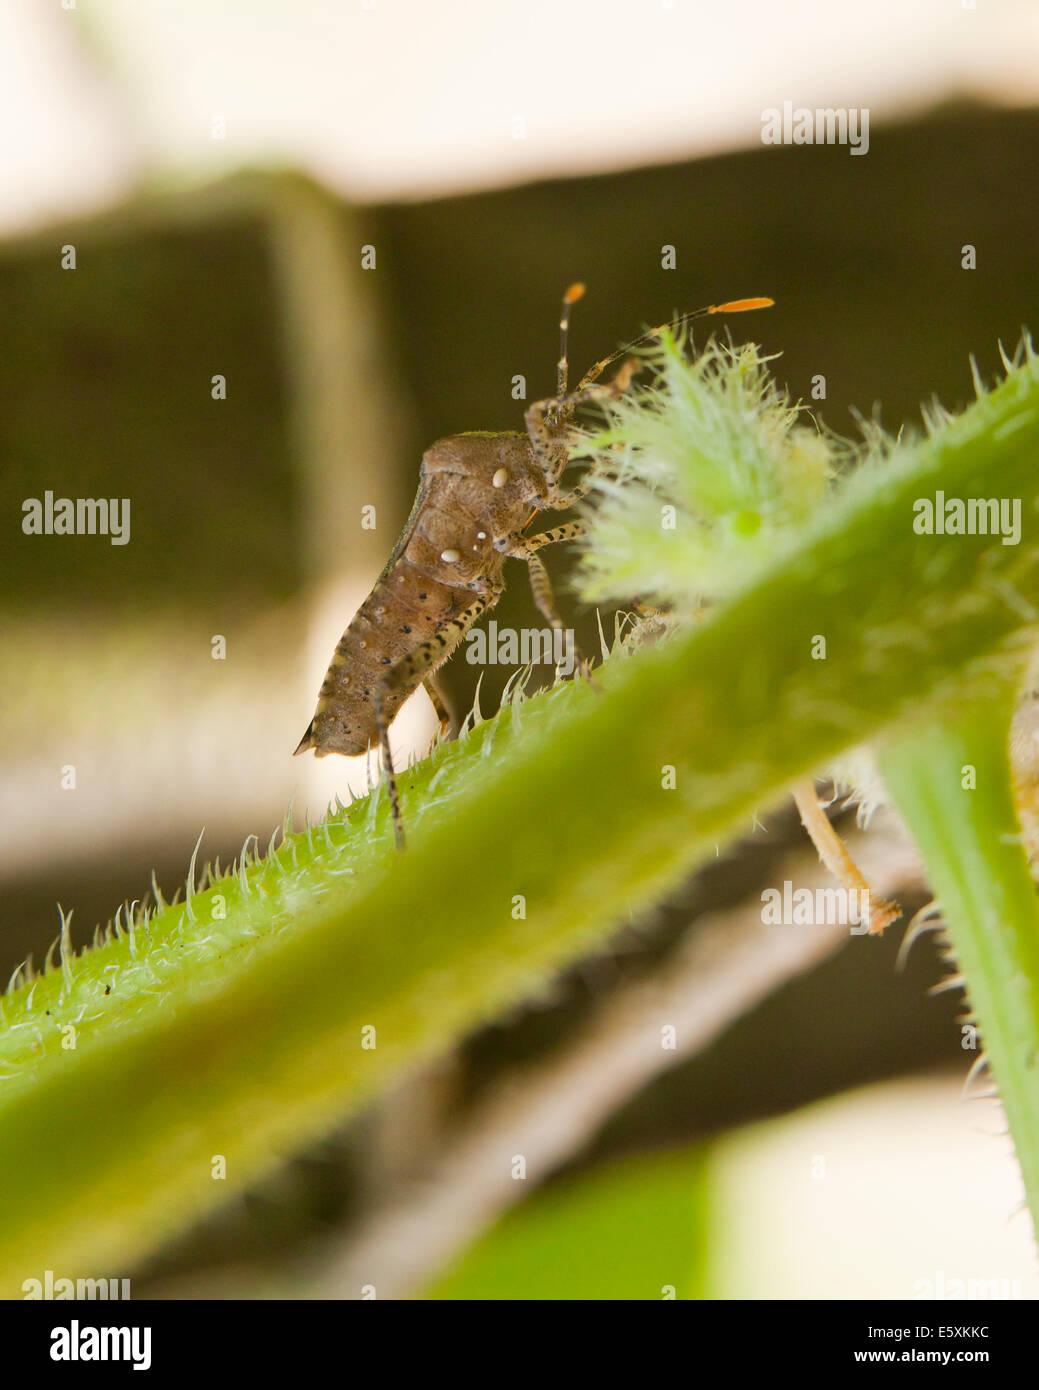 Squash bug (Anasa tristis) - USA - Stock Image